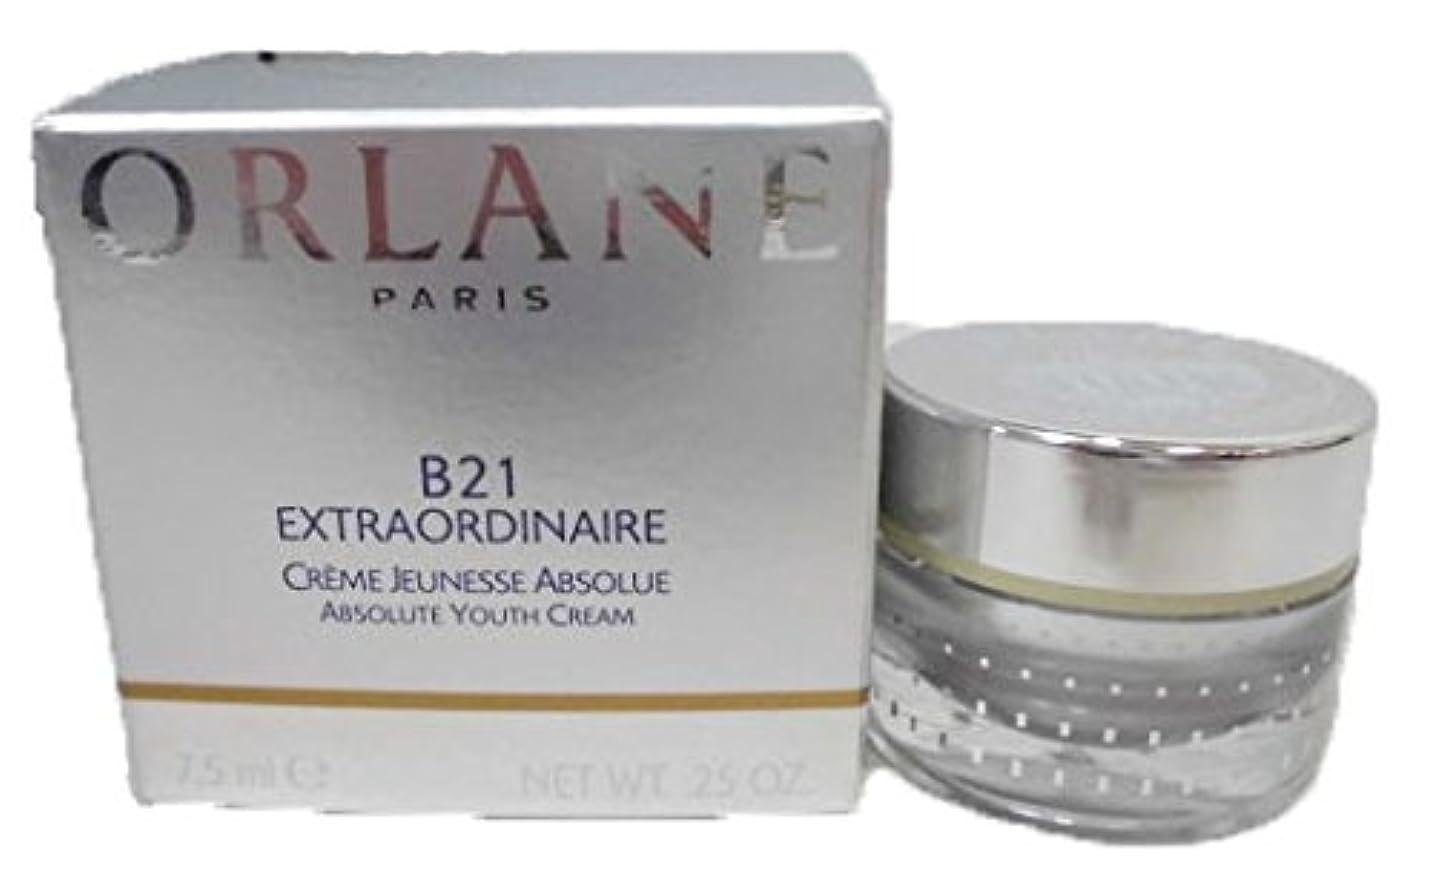 退屈な夜間知るオルラーヌ ORLANE B21 エクストラオーディネール クリーム 7.5mL ミニサイズ